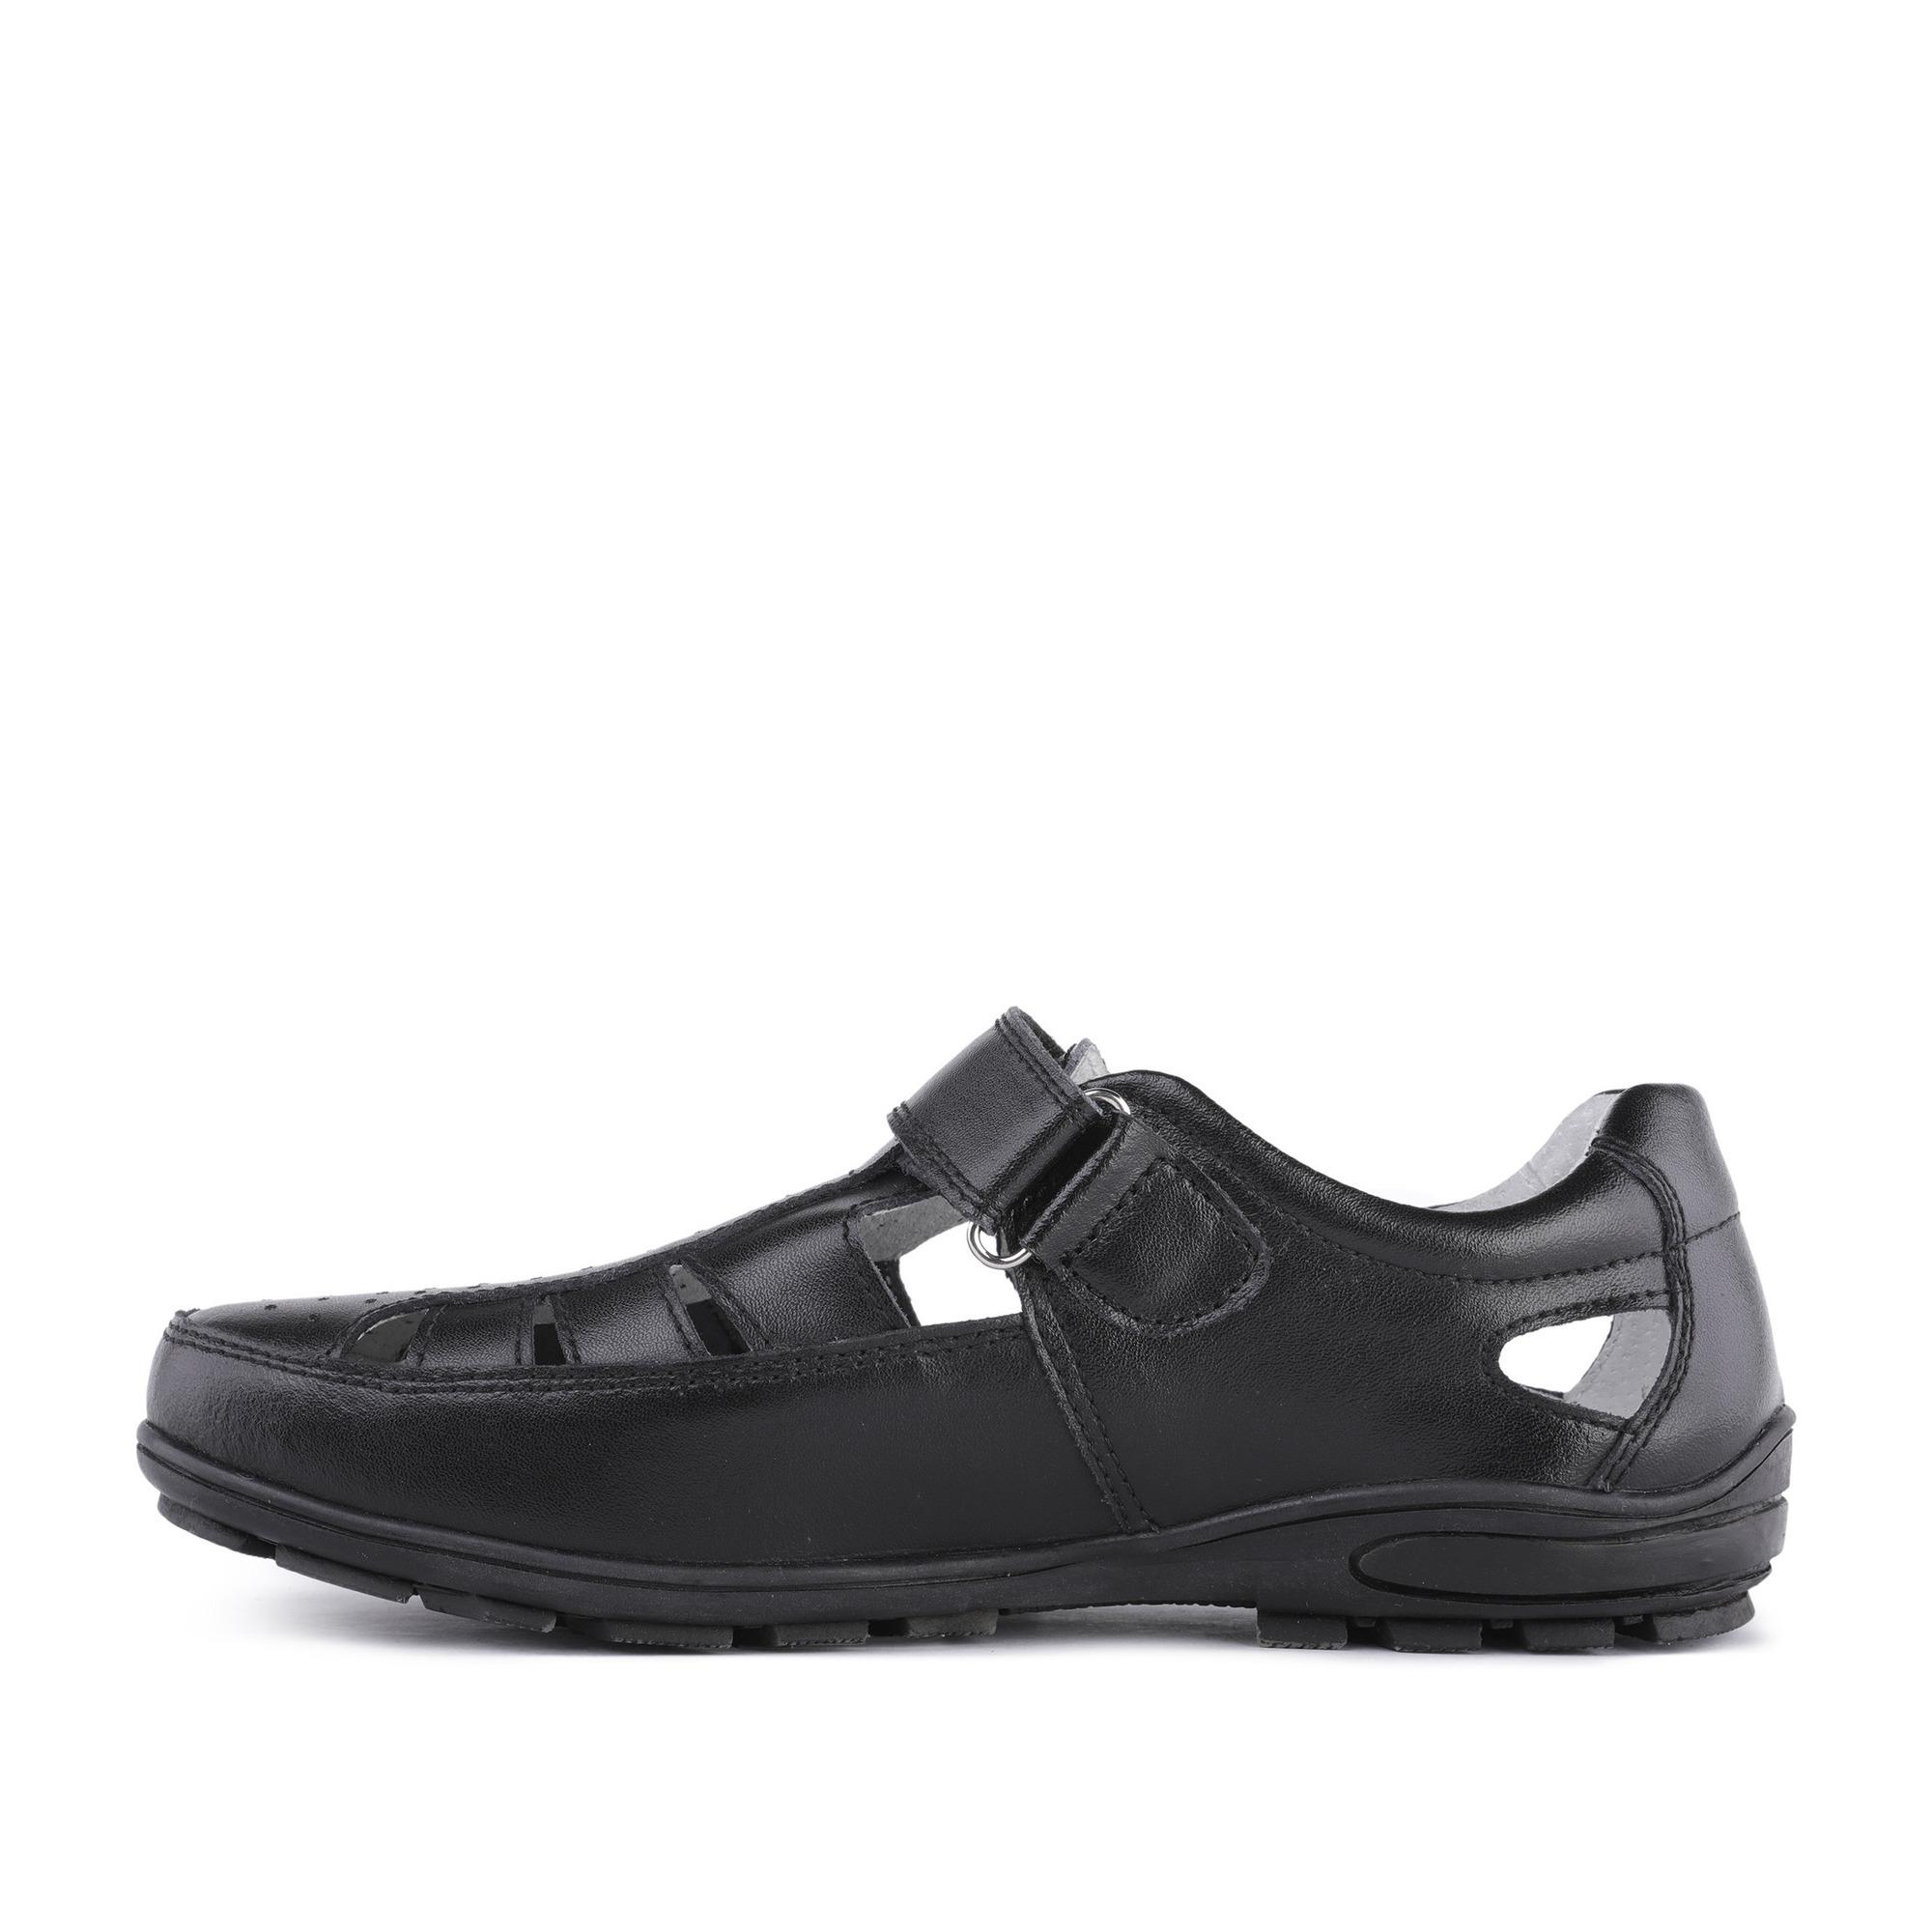 40-01BO-001VK, Туфли для мальчиков ZENDEN, цв. черный, р-р 35,  - купить со скидкой